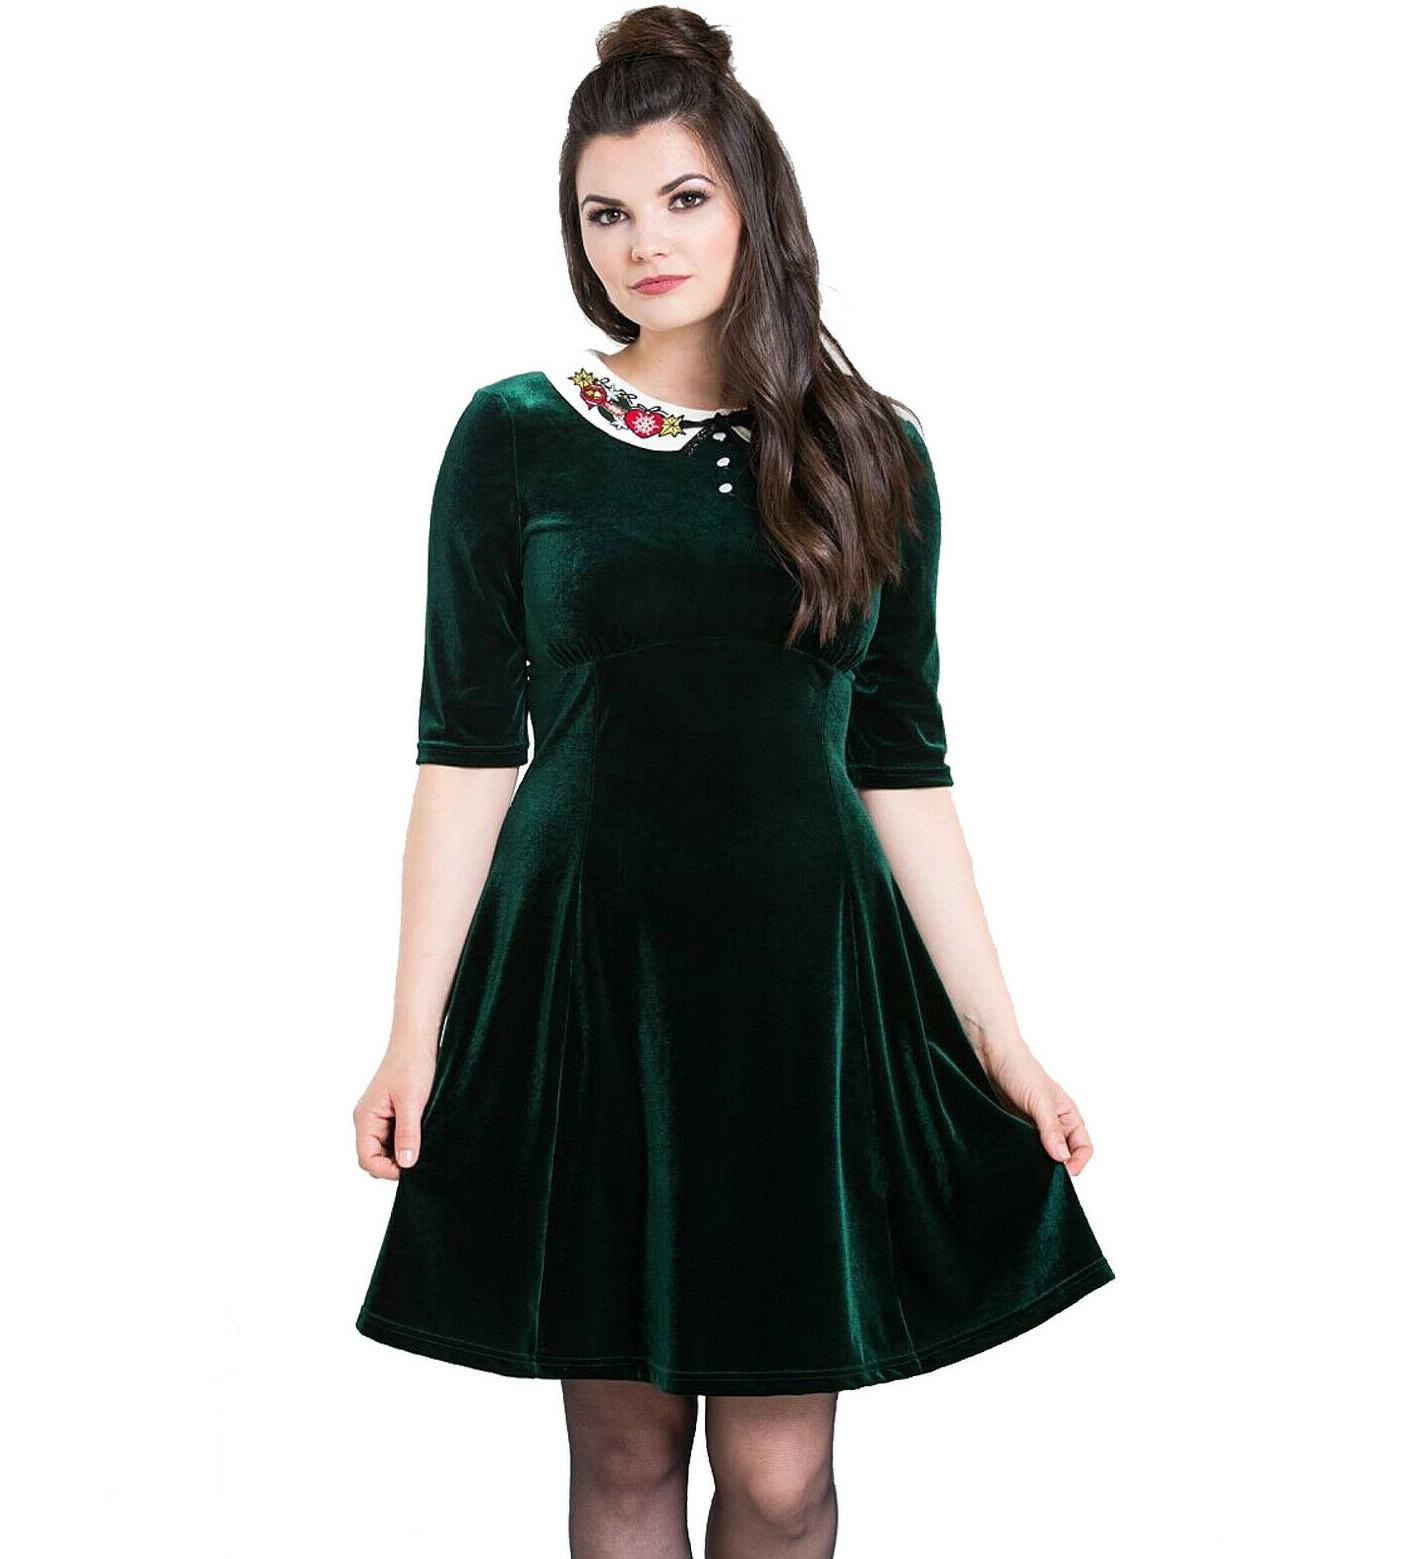 Hell-Bunny-Mini-Skater-Dress-Festive-Christmas-NICOLA-Green-Velvet-All-Sizes thumbnail 23